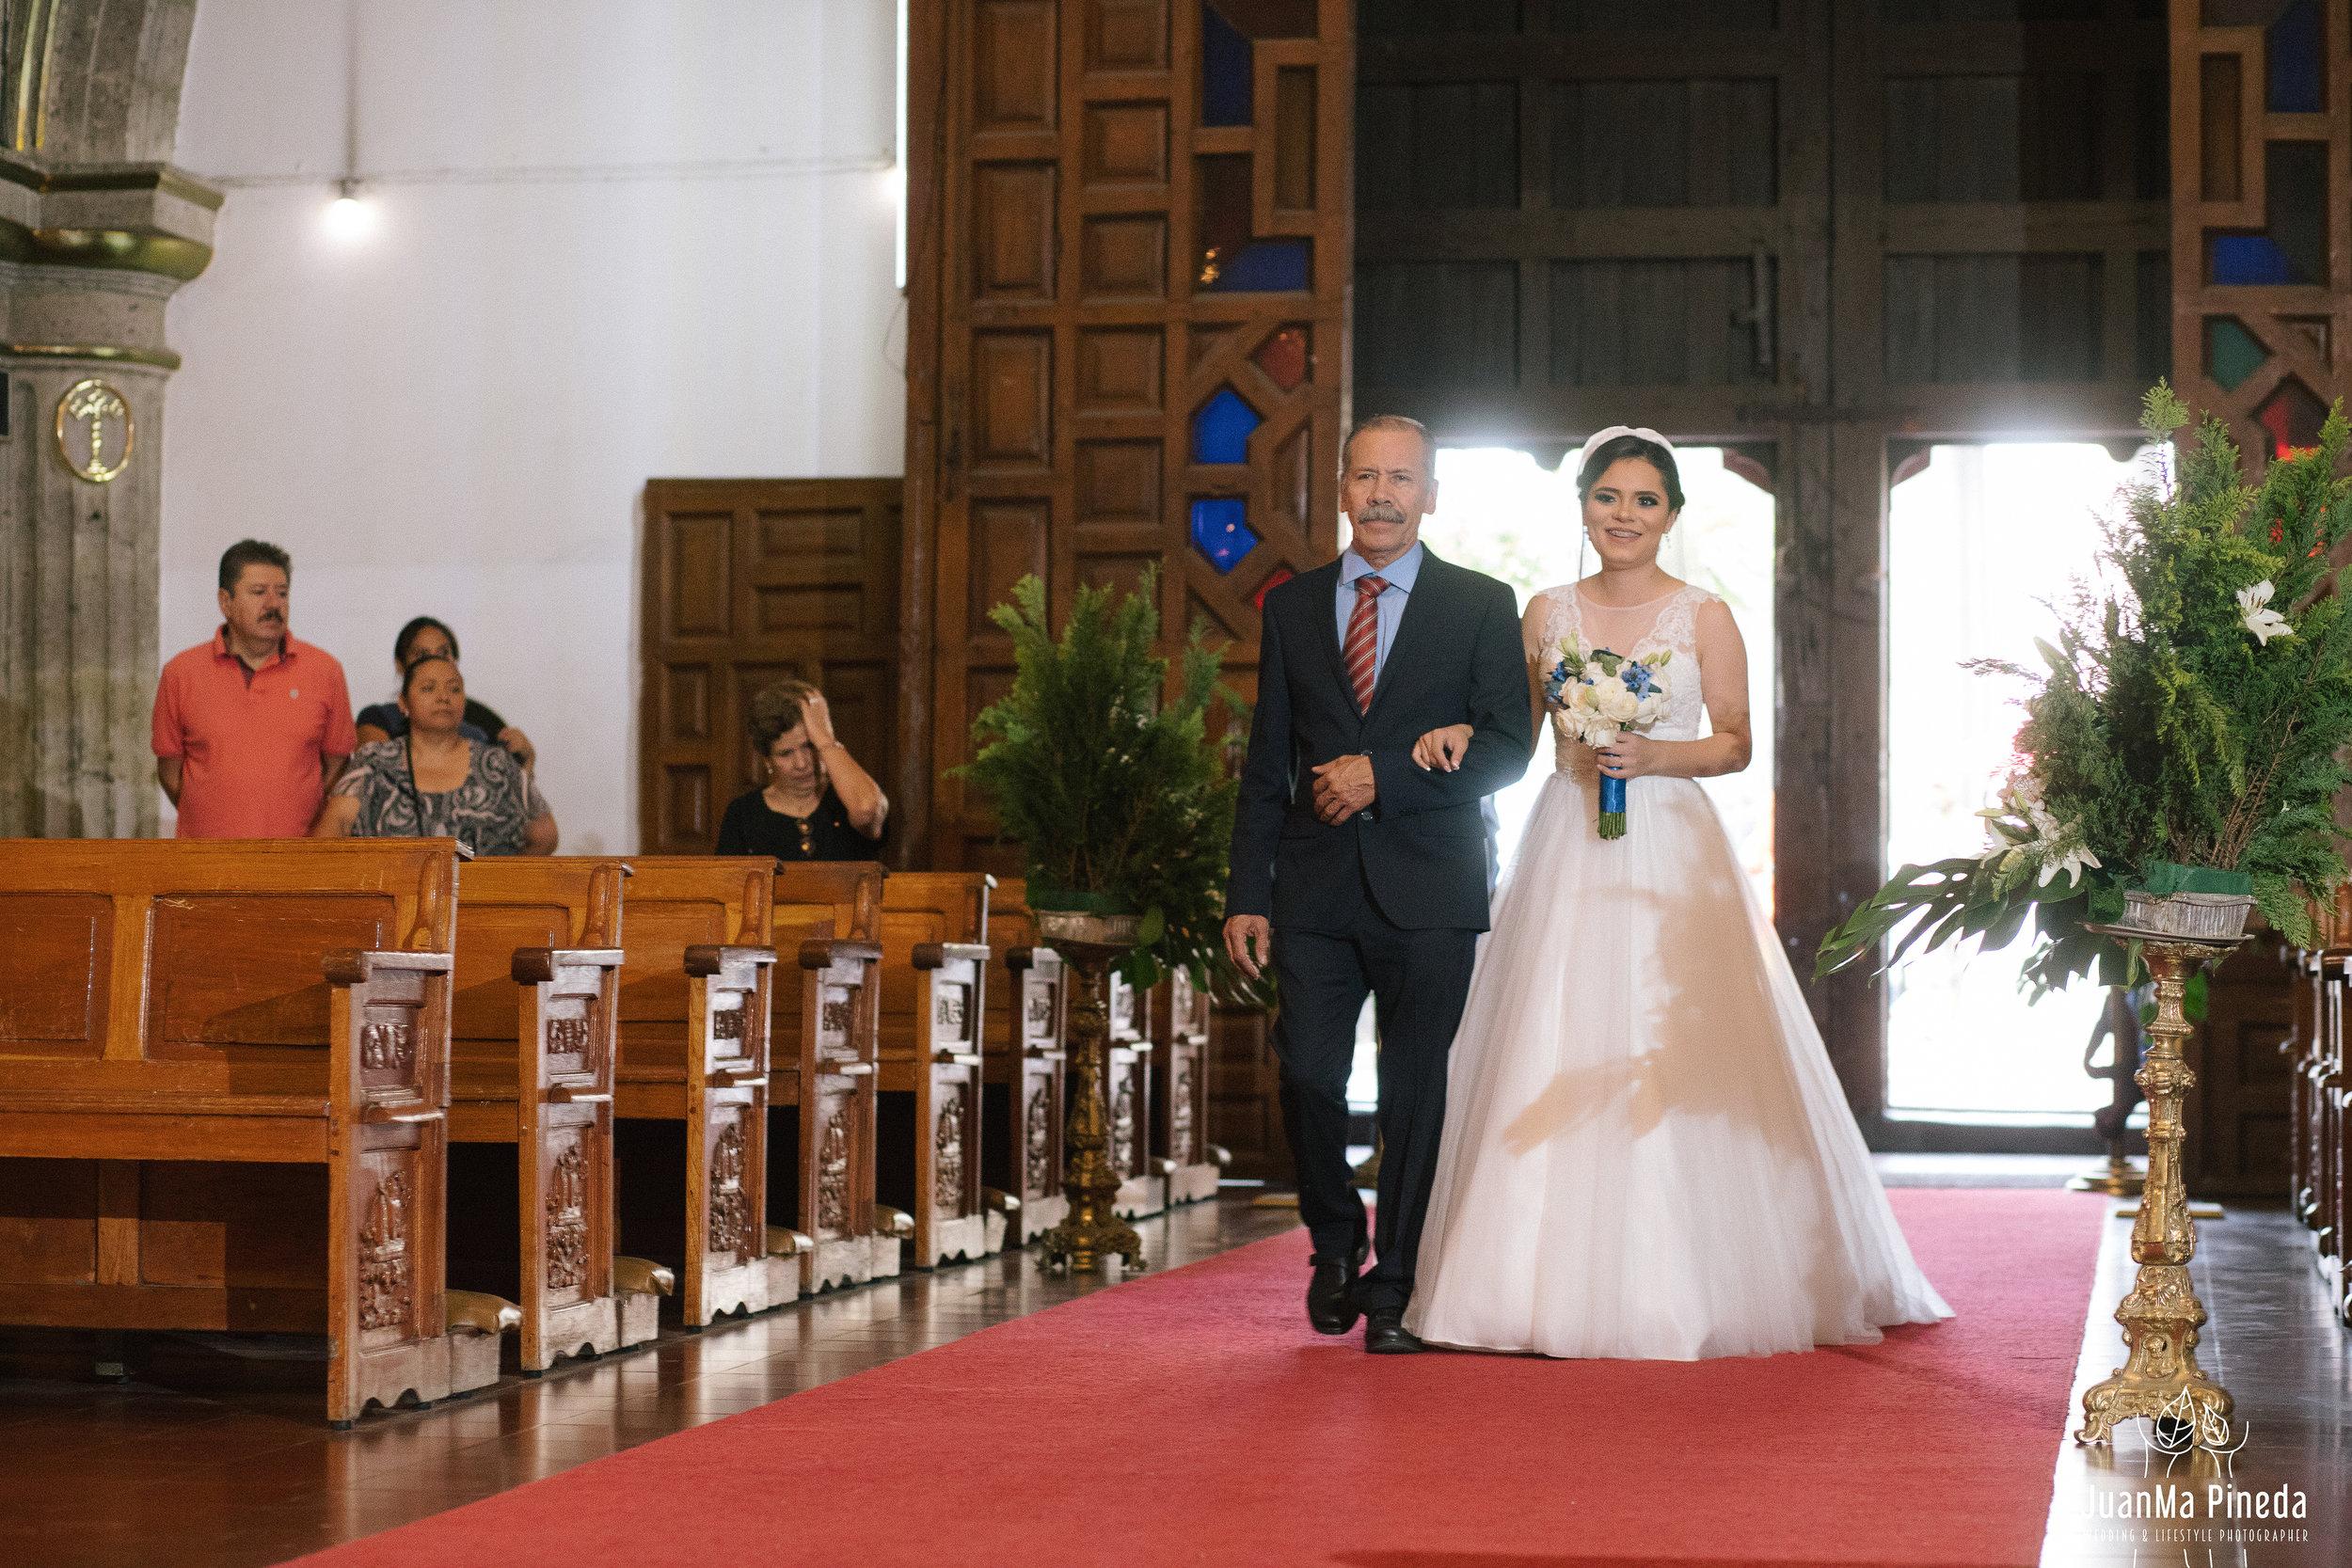 Ceremonia+Boda+Centro+Guadalajara-1-13.jpg